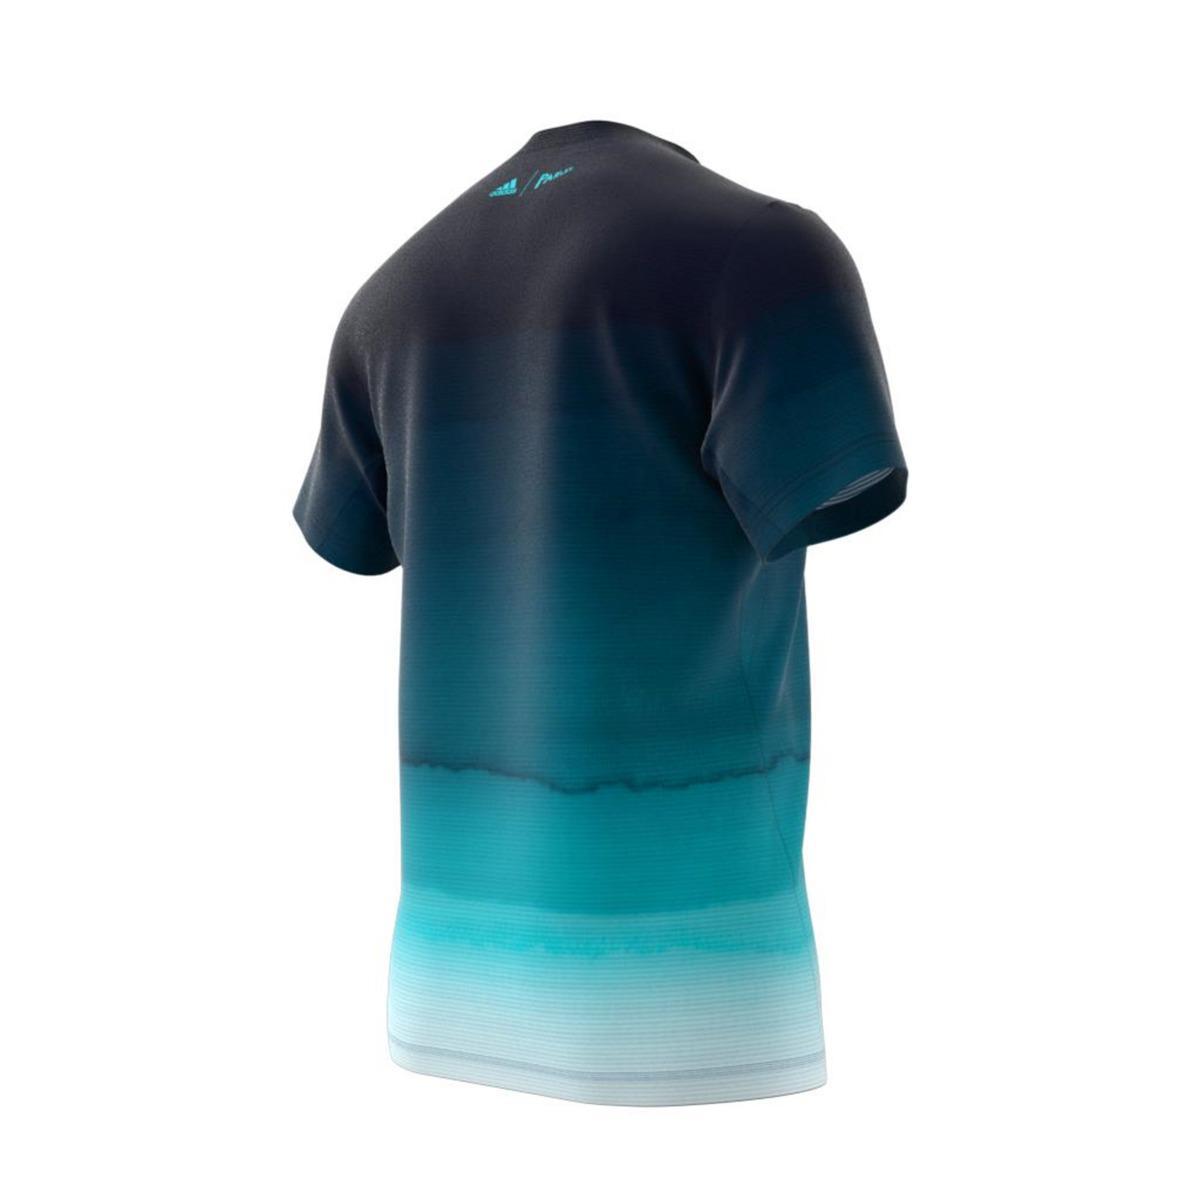 d74fe6e7173 Adidas - Blue Parley T-shirt for Men - Lyst. View fullscreen